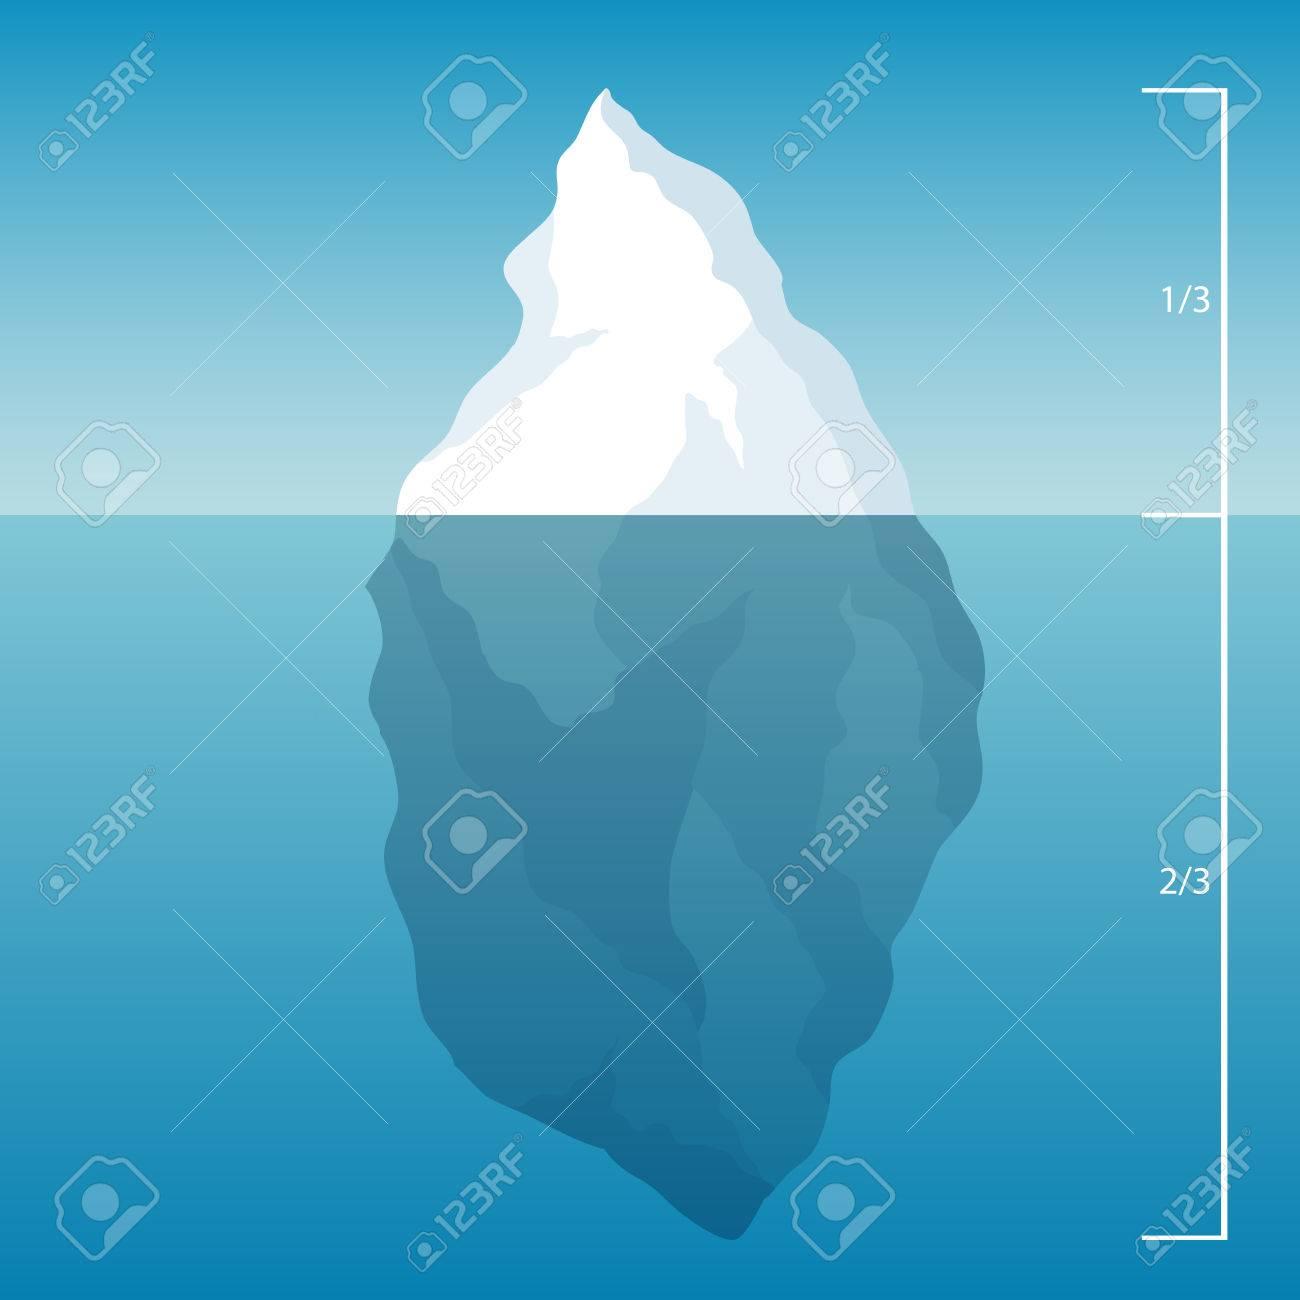 海の氷山。氷の水。イラスト背景。 ロイヤリティフリークリップアート